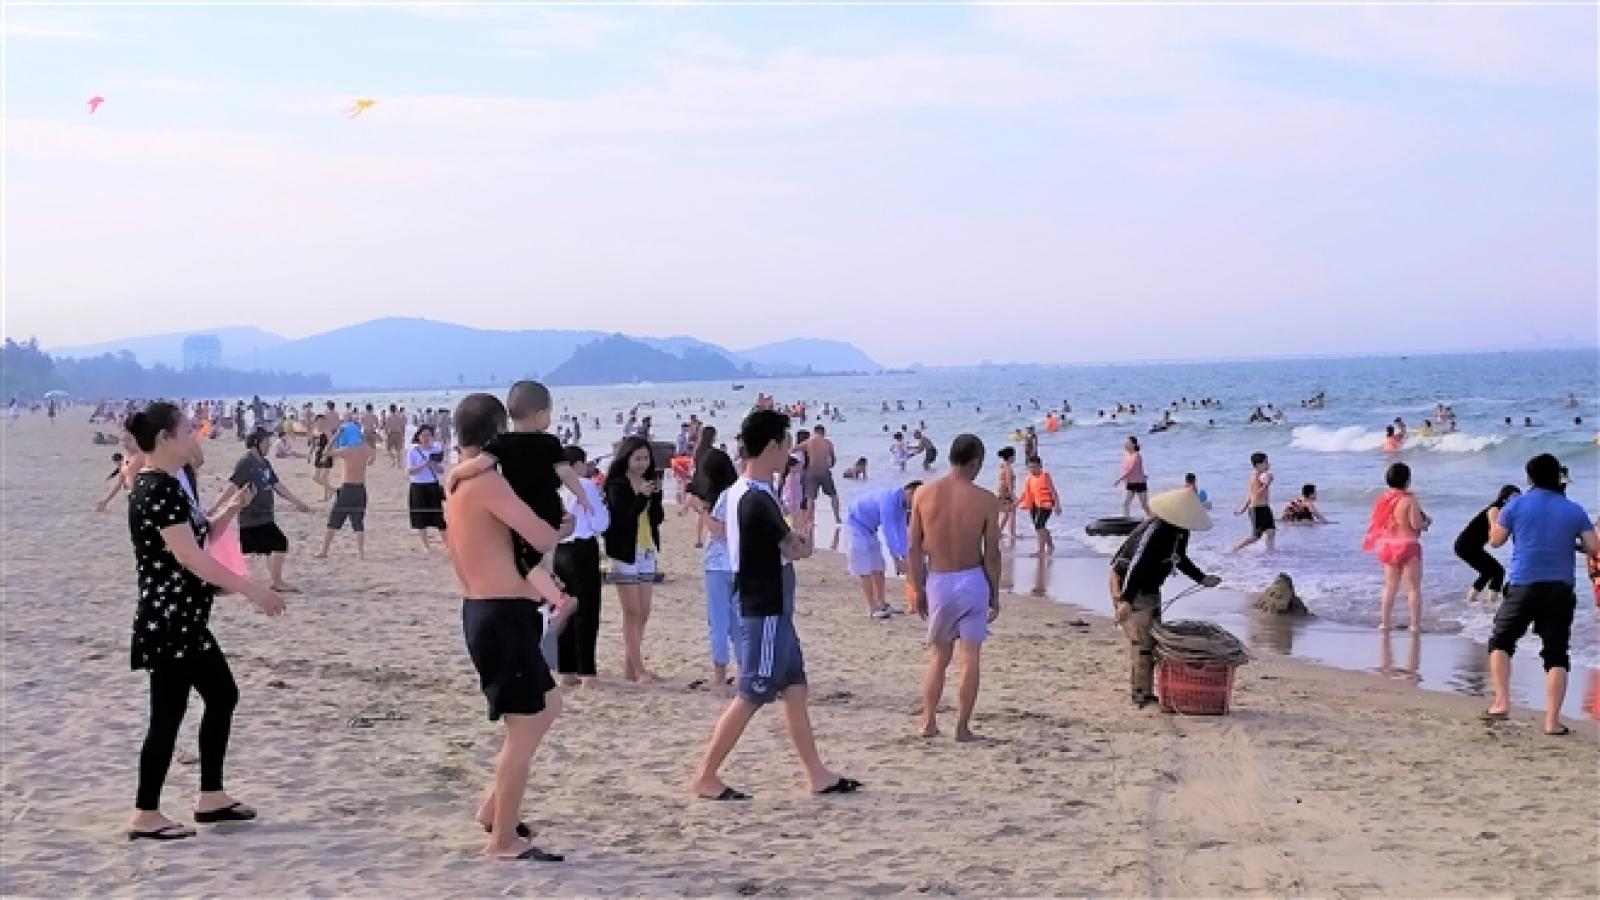 Nghệ An, Hà Tĩnh tạm dừng tổ chức lễ hội du lịch biển dịp nghỉ lễ 30/4